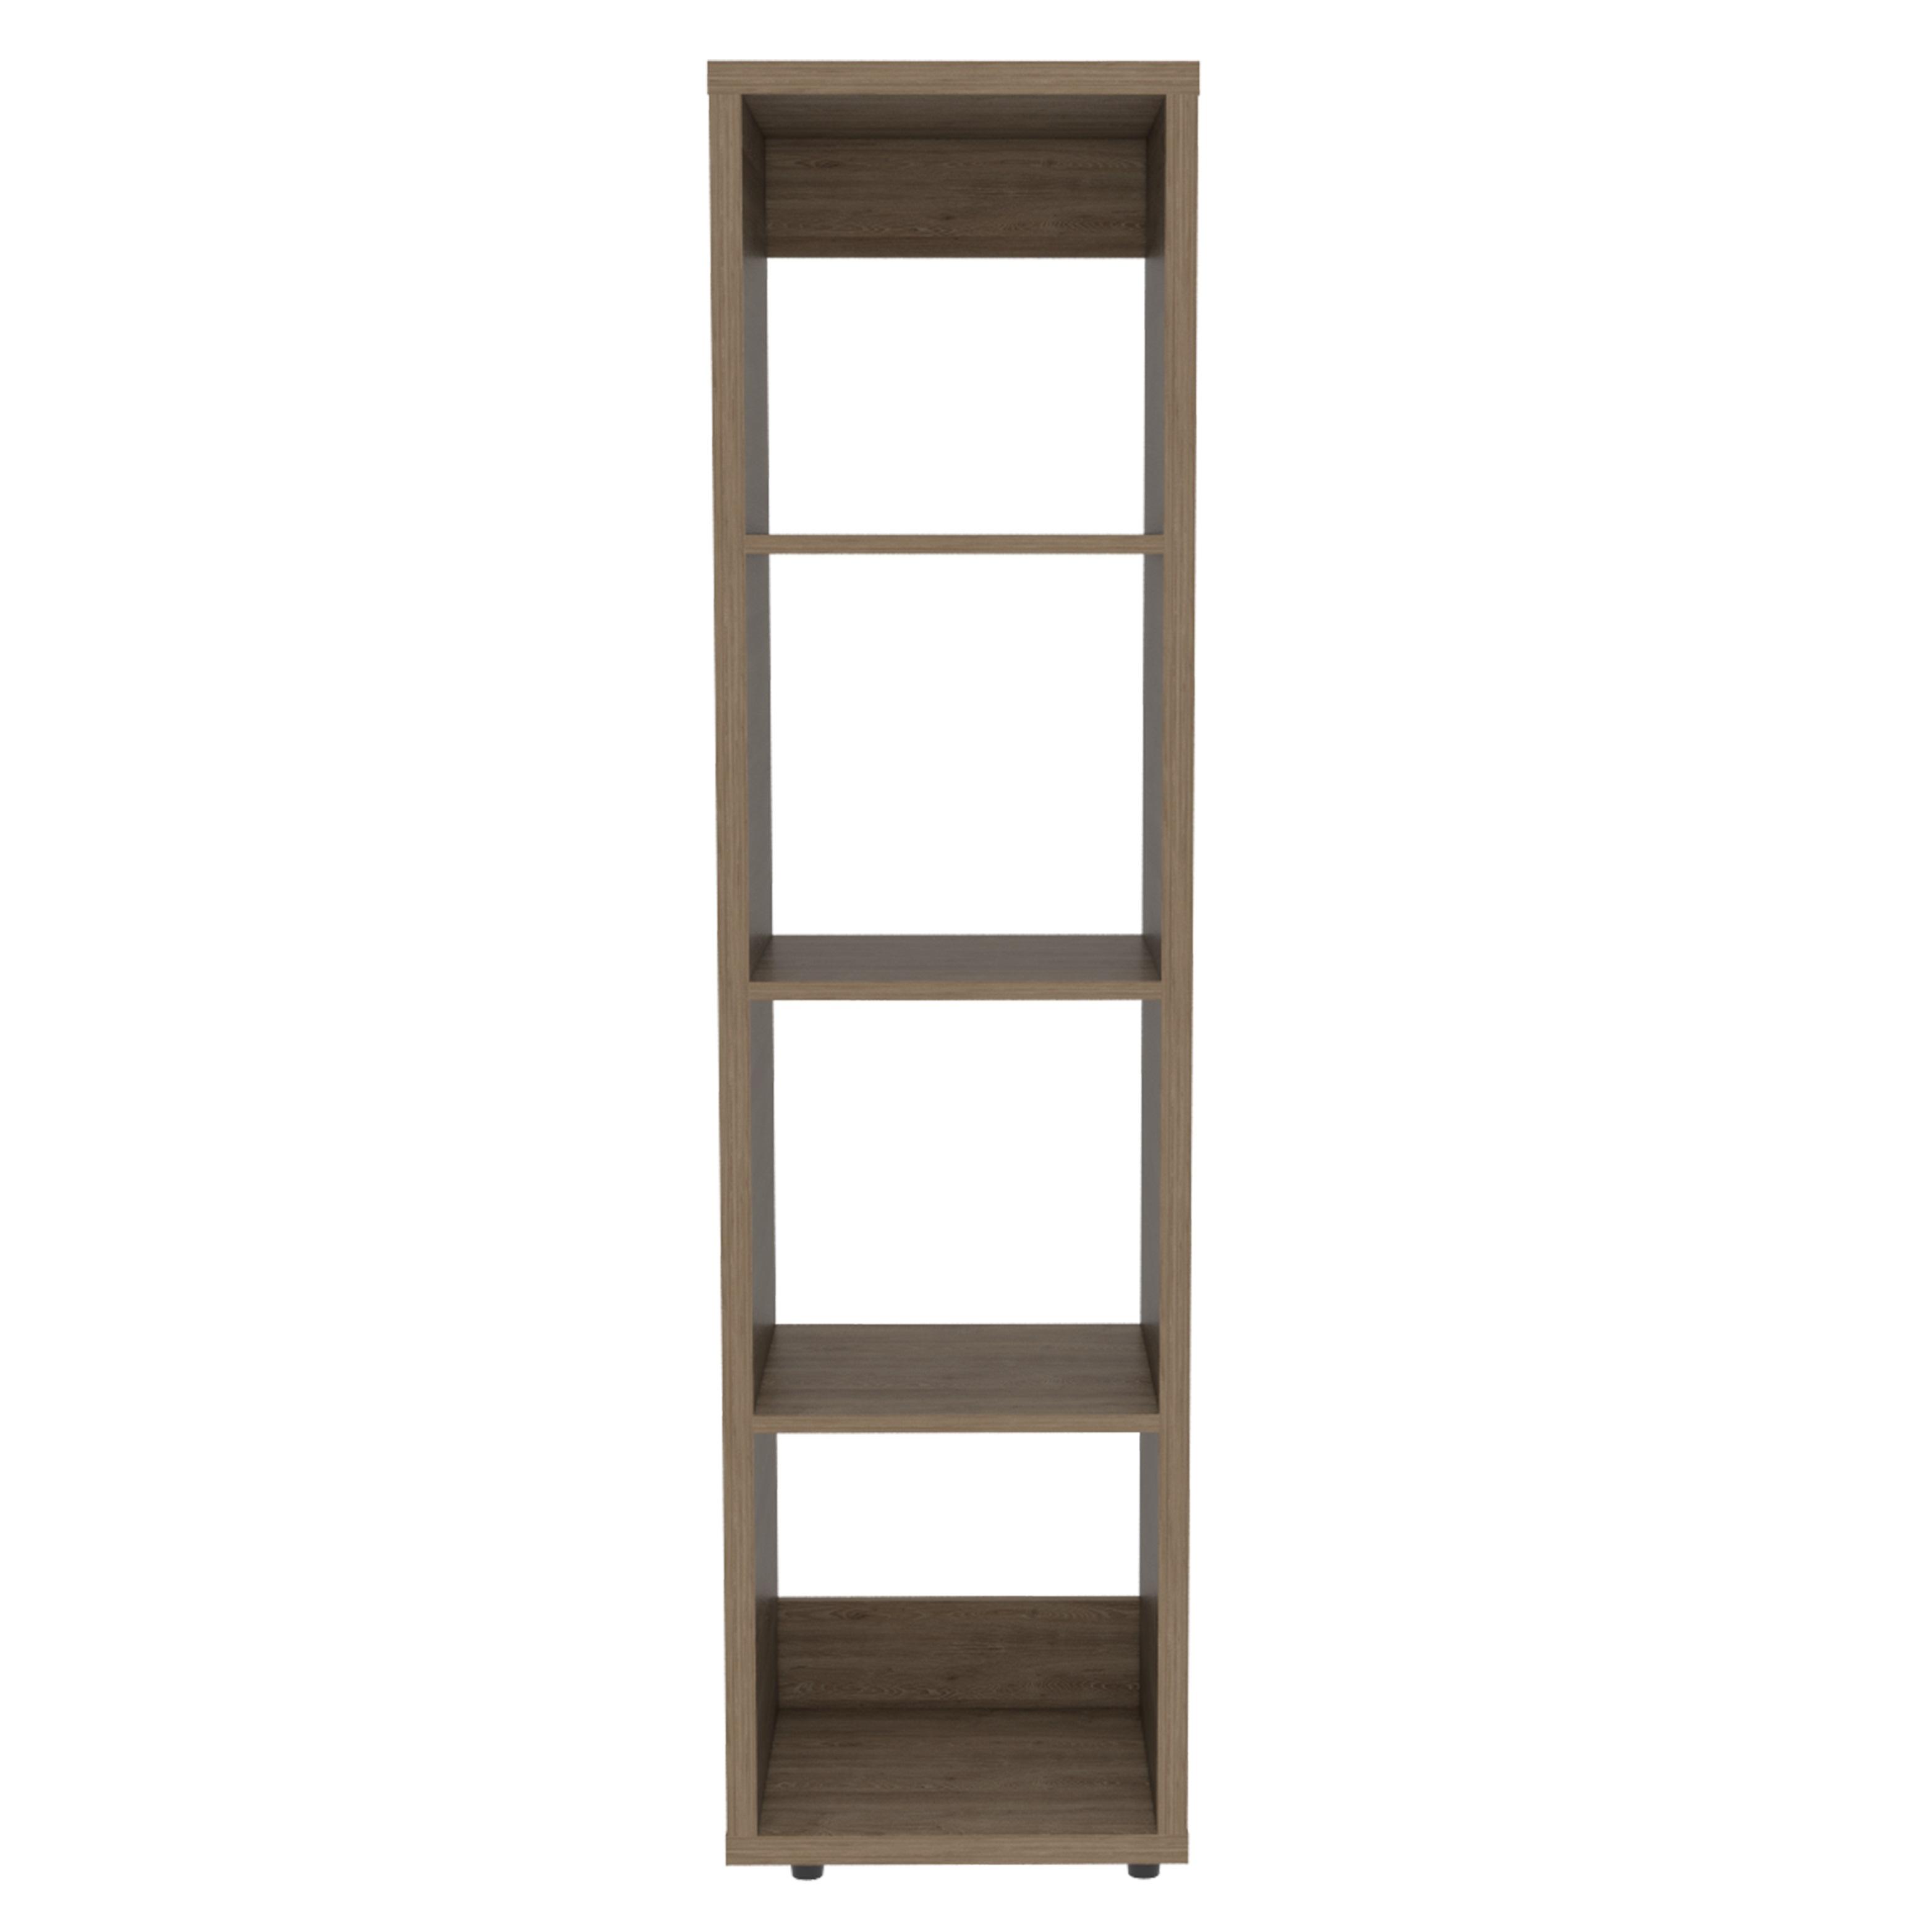 Mueble biblioteca sencilla de 146cm x 37.9cm x 34cm modelo Tanger de color miel